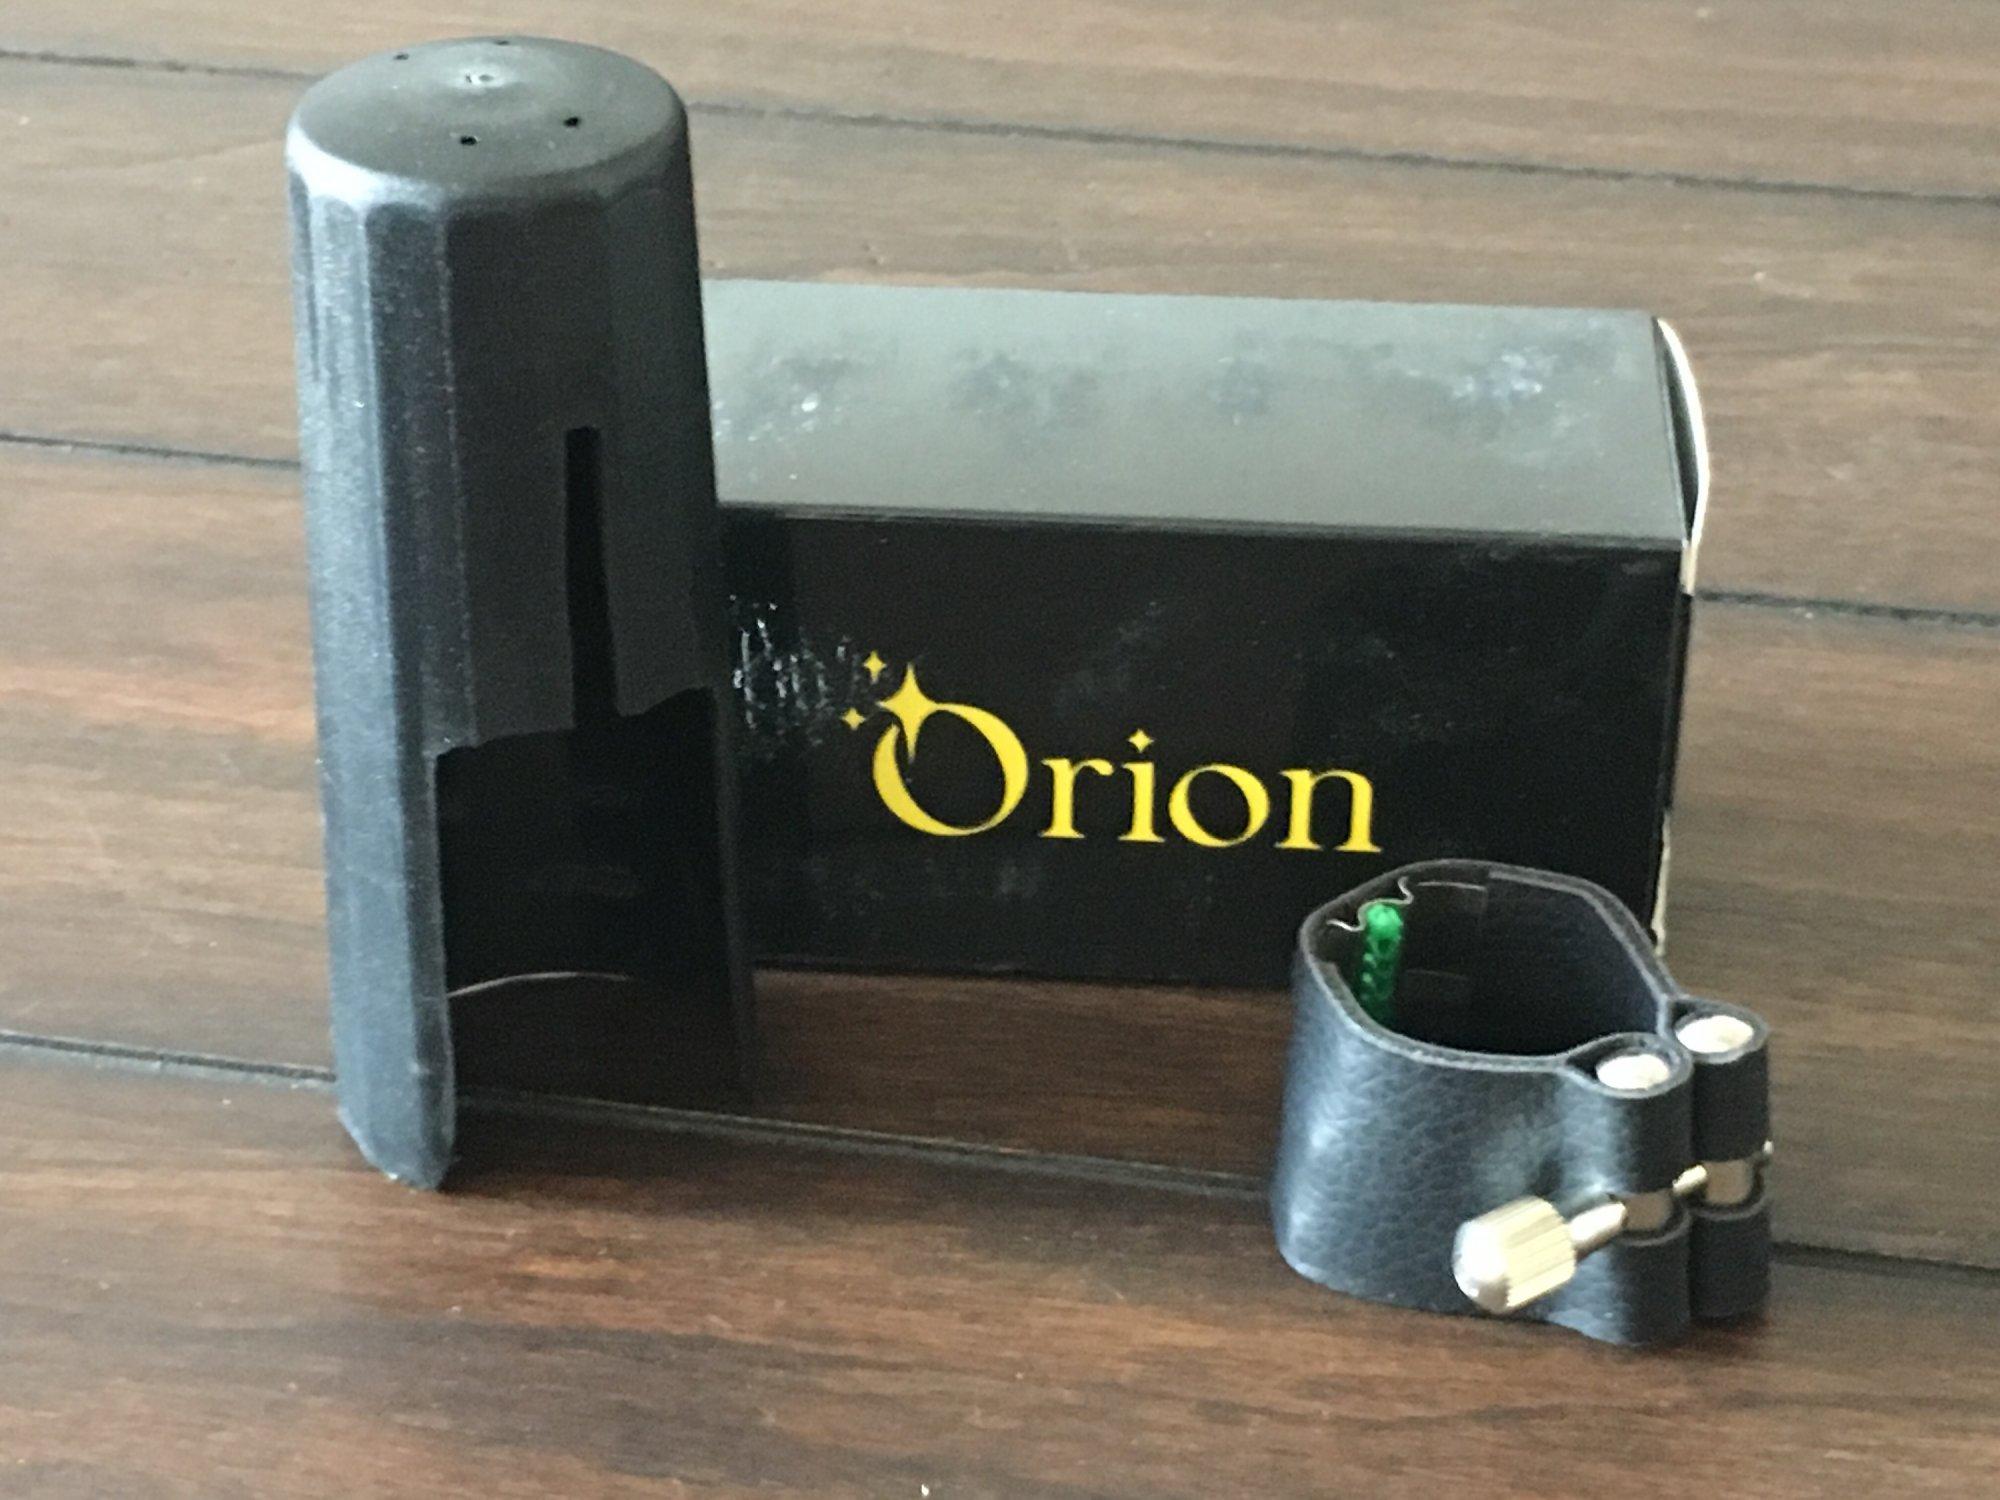 Orion Bari Sax Ligature & Cap